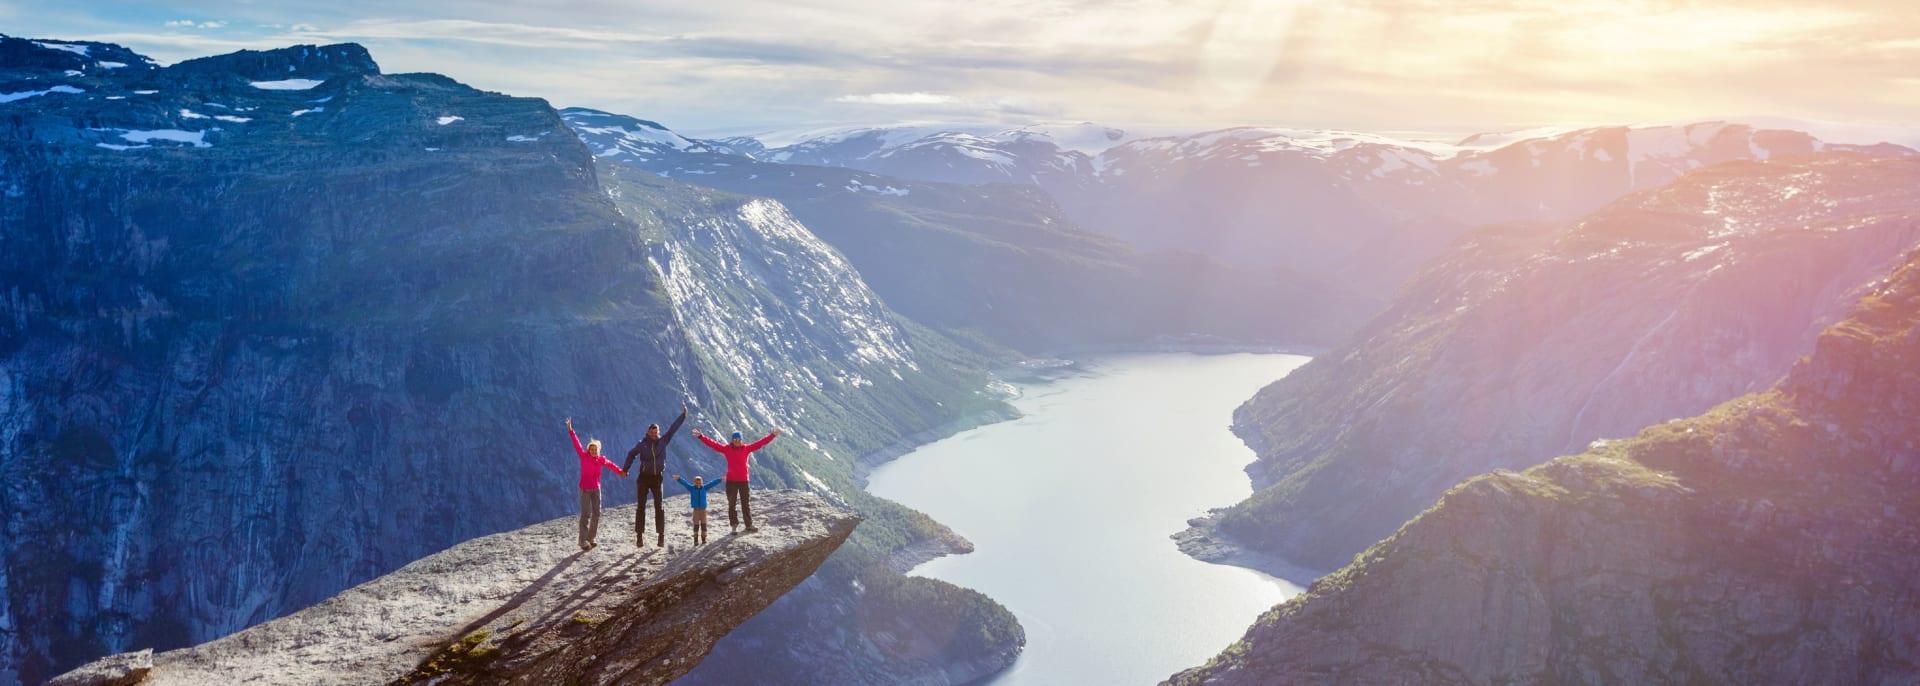 Reisen mit Kindern, Trolltunga, Skandinavien